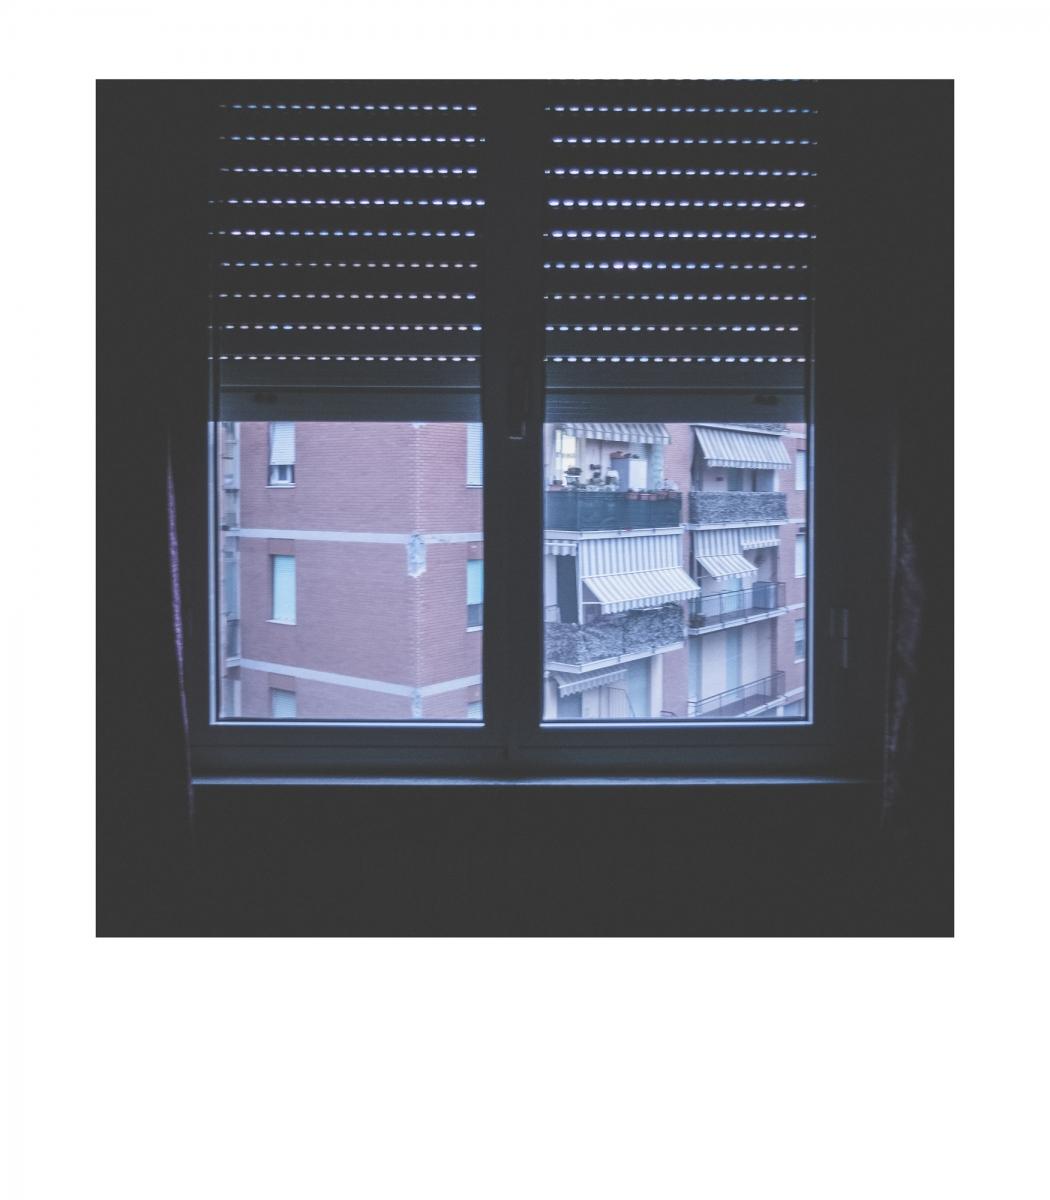 1_6-DSCF3831-P3-2